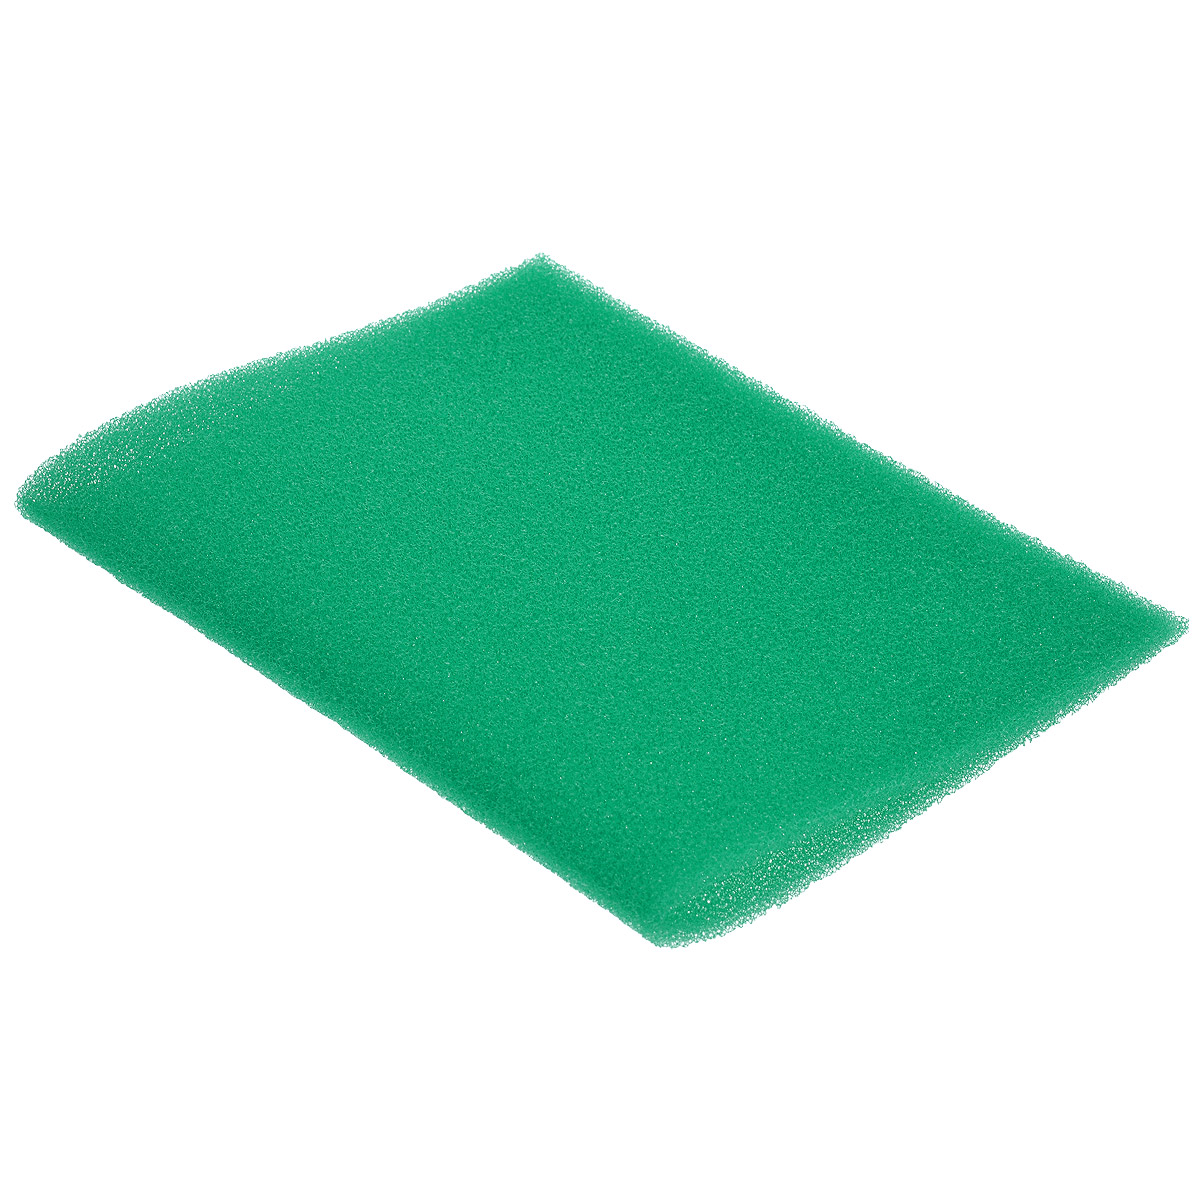 """Коврик для холодильника """"Magic Power"""", антибактериальный, цвет: зеленый, 49 см х 32 см"""